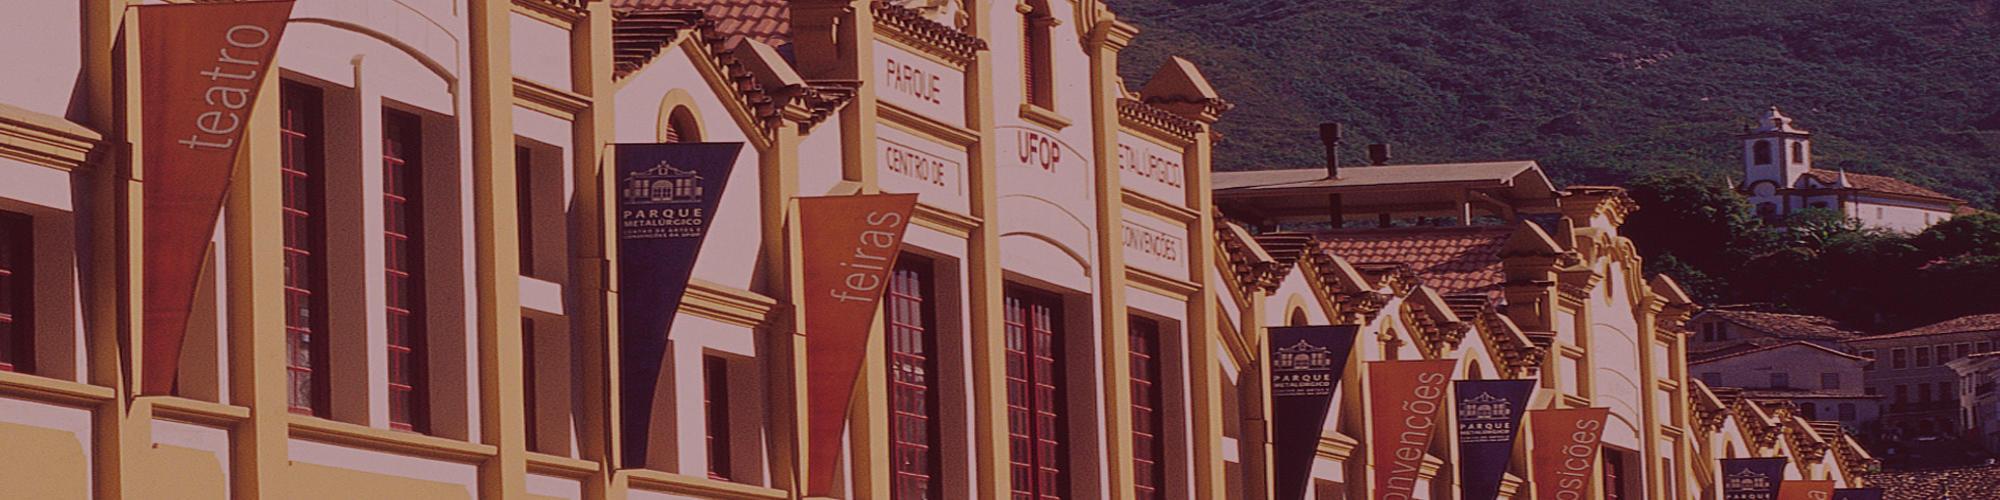 Imagem com a fachada do Centro de artes e convenções